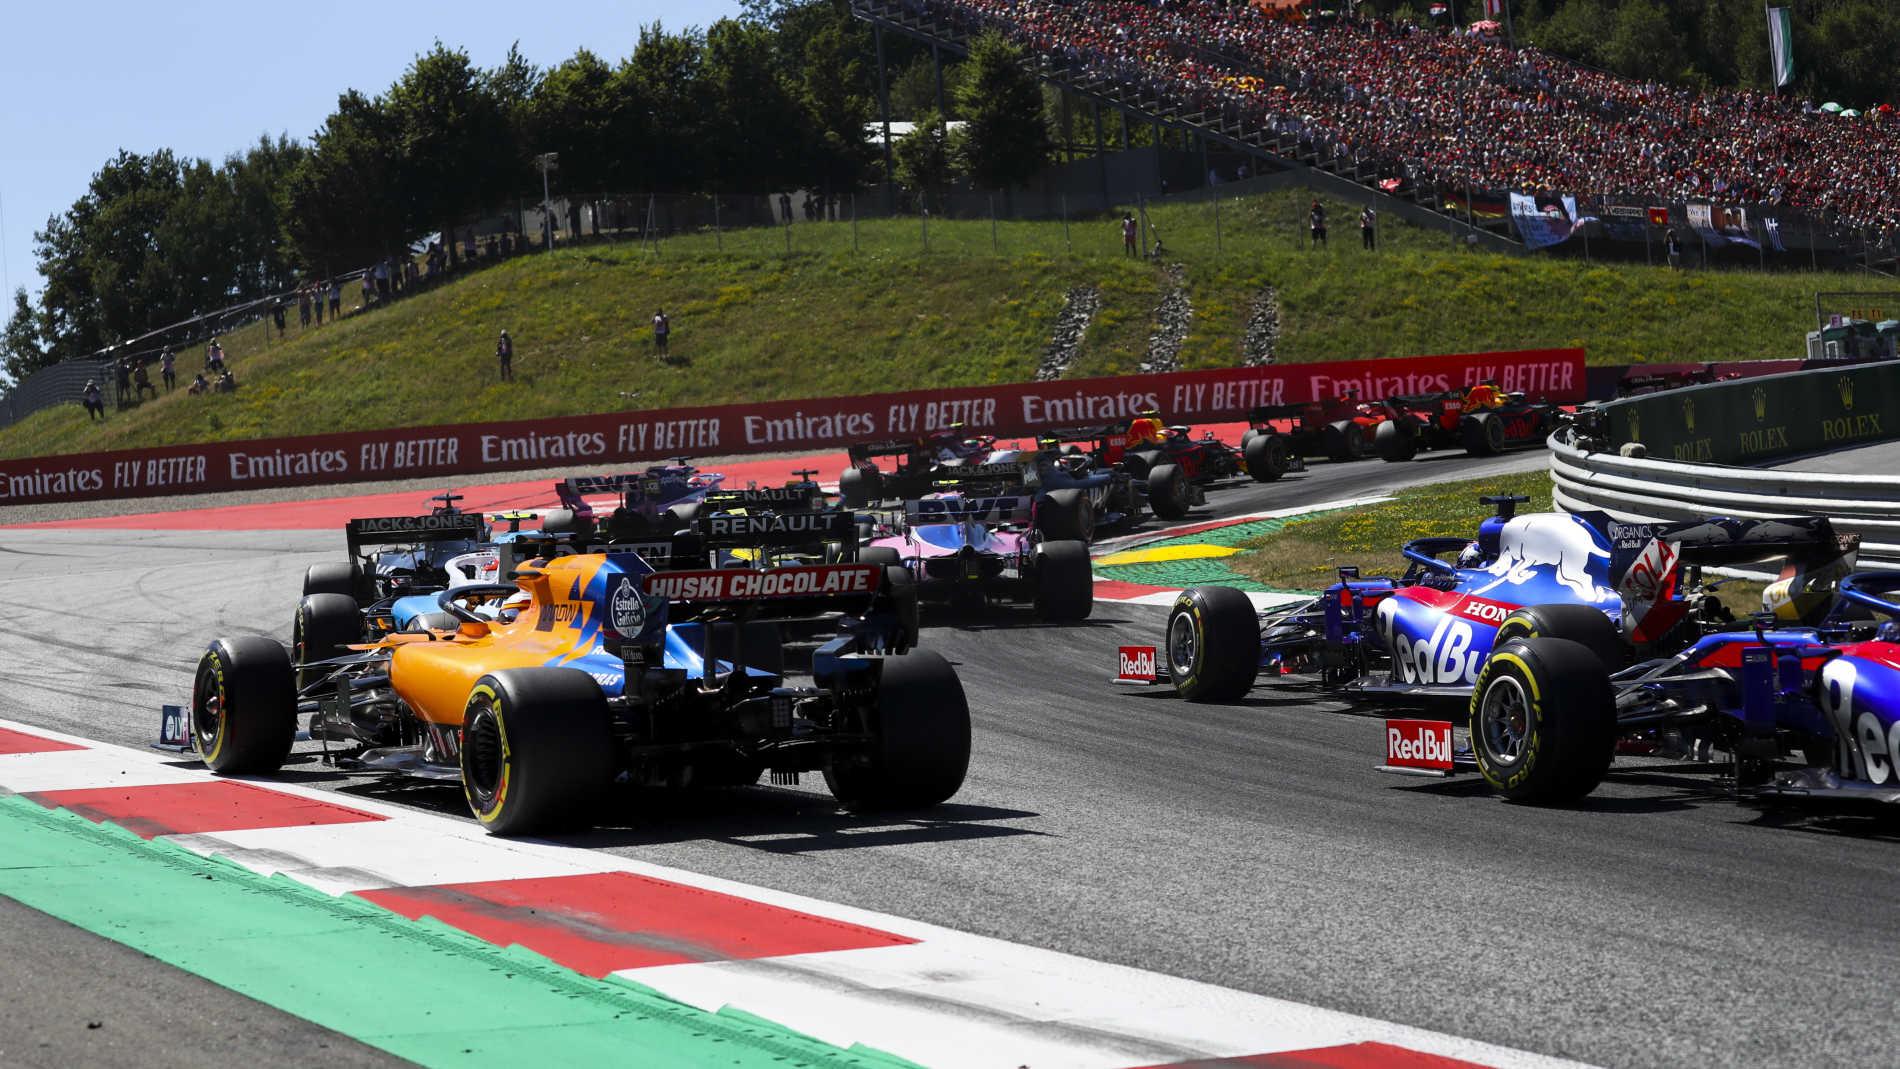 Formula 1 Avusturya Grand Prix ne zaman, hangi gün, hangi kanalda, saat kaçta 2021 ? Şifreli mi, şifresiz mi?